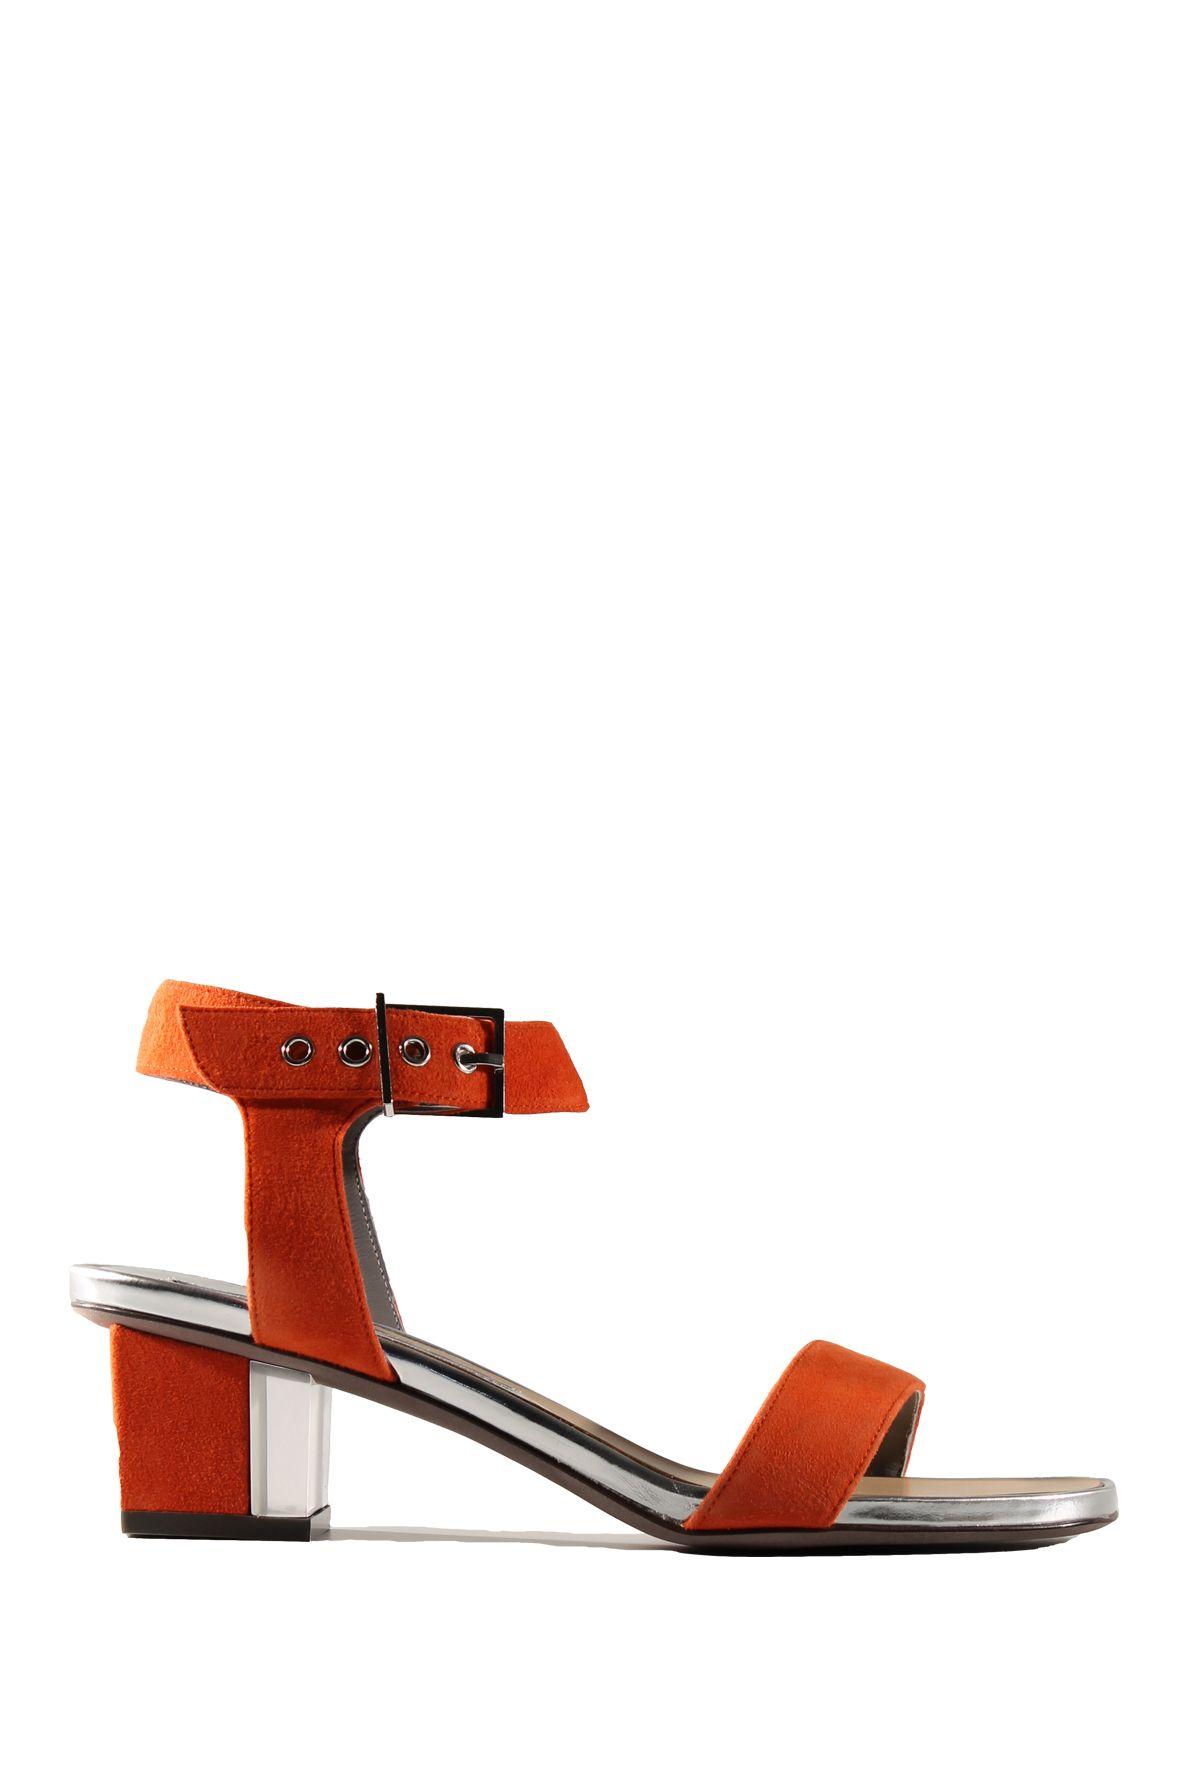 baldan sandalo corallo www.didilefou.com